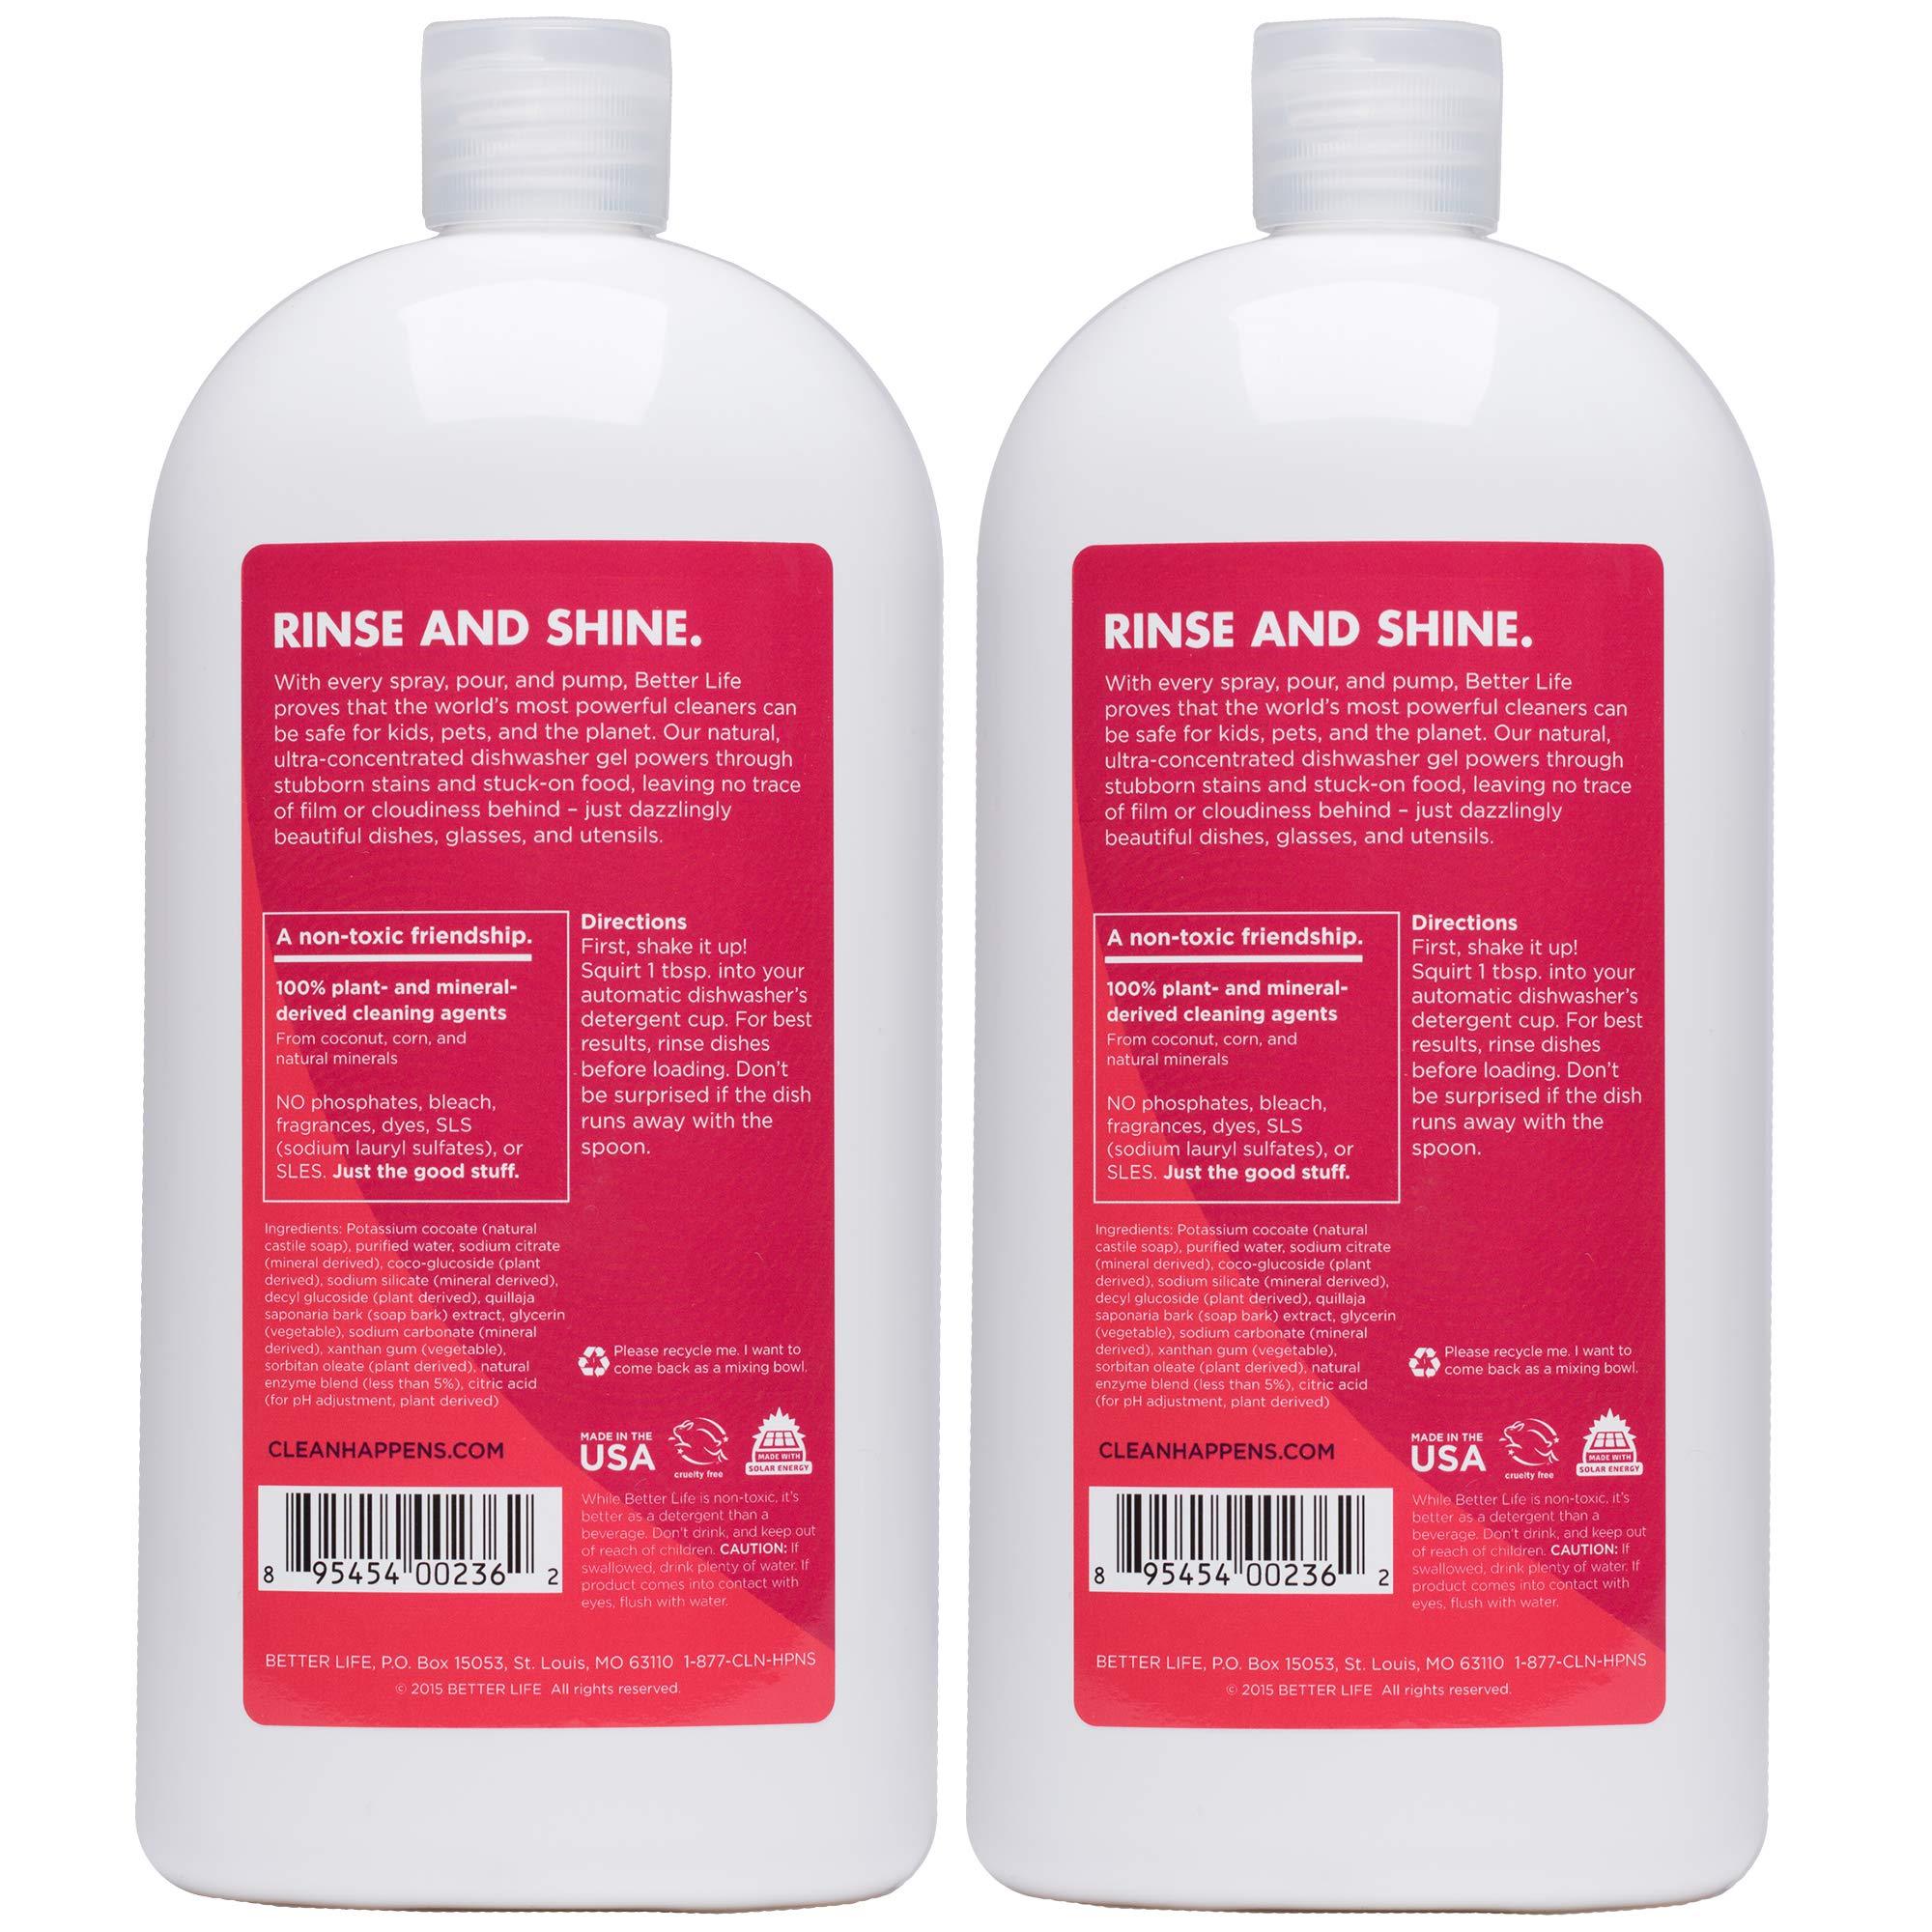 Better Life Natural Dishwasher Gel Detergent, 30 Fl Oz, Pack of 2